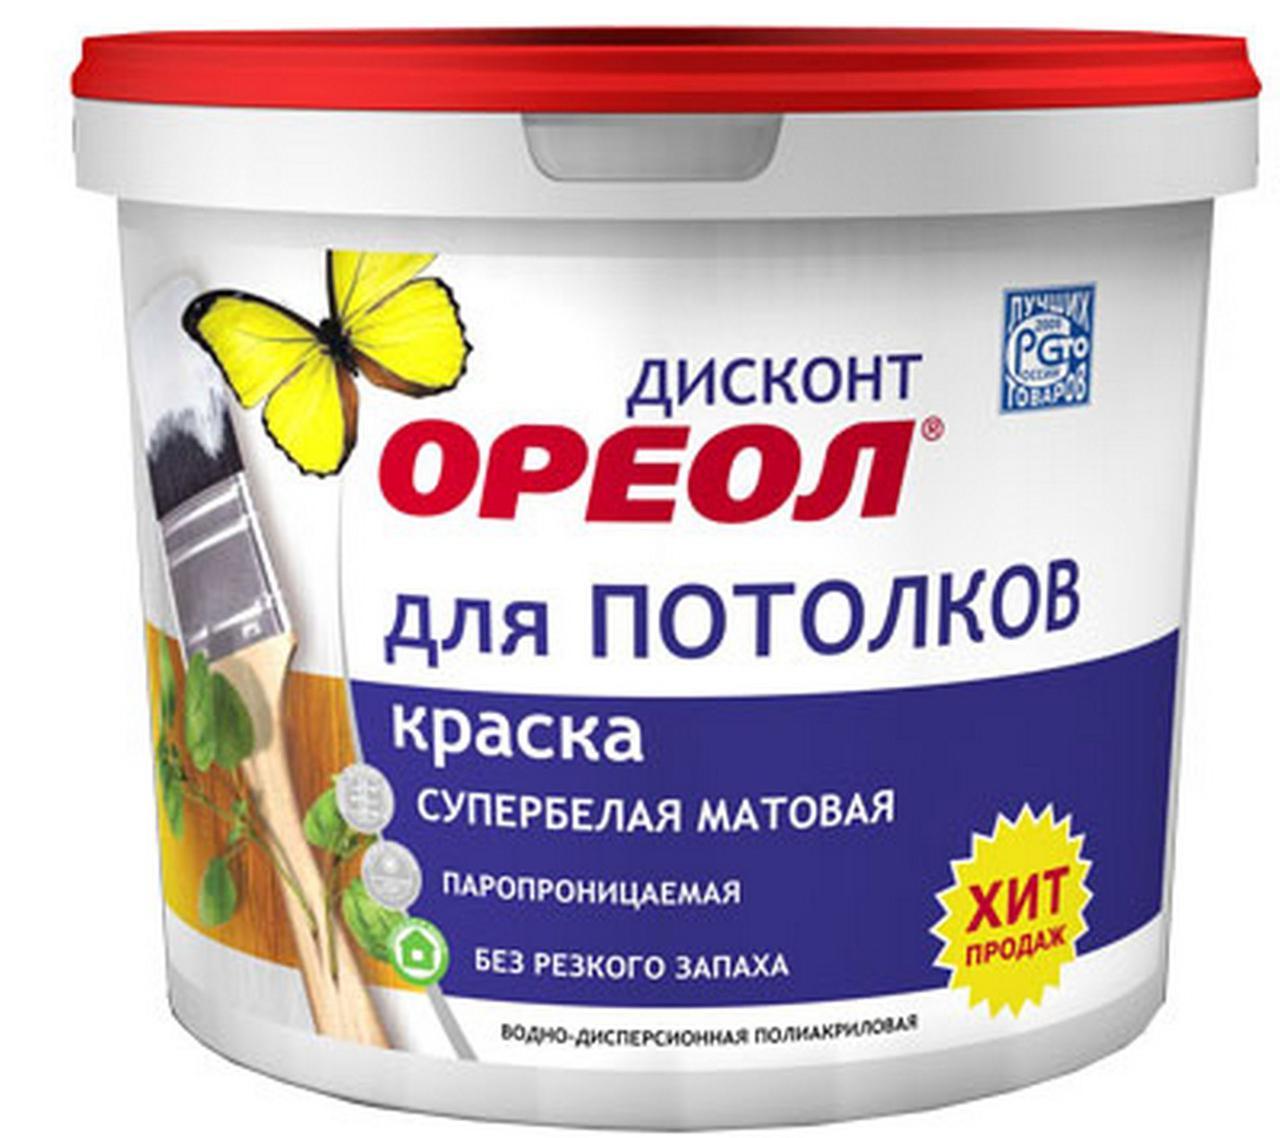 ВДАК Ореол Дисконт для потолков 25 кг